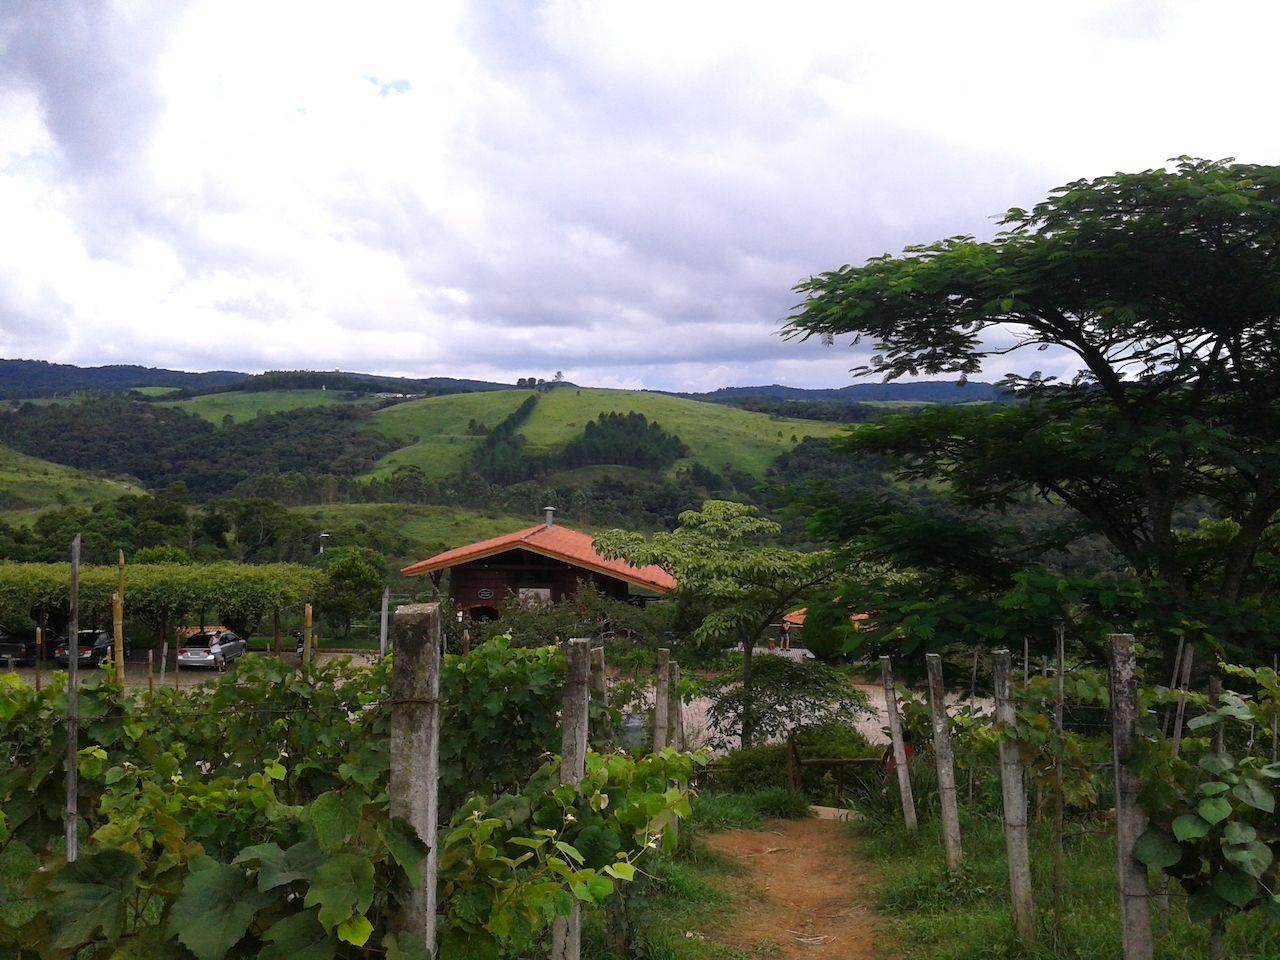 Sao Roque, Brazil